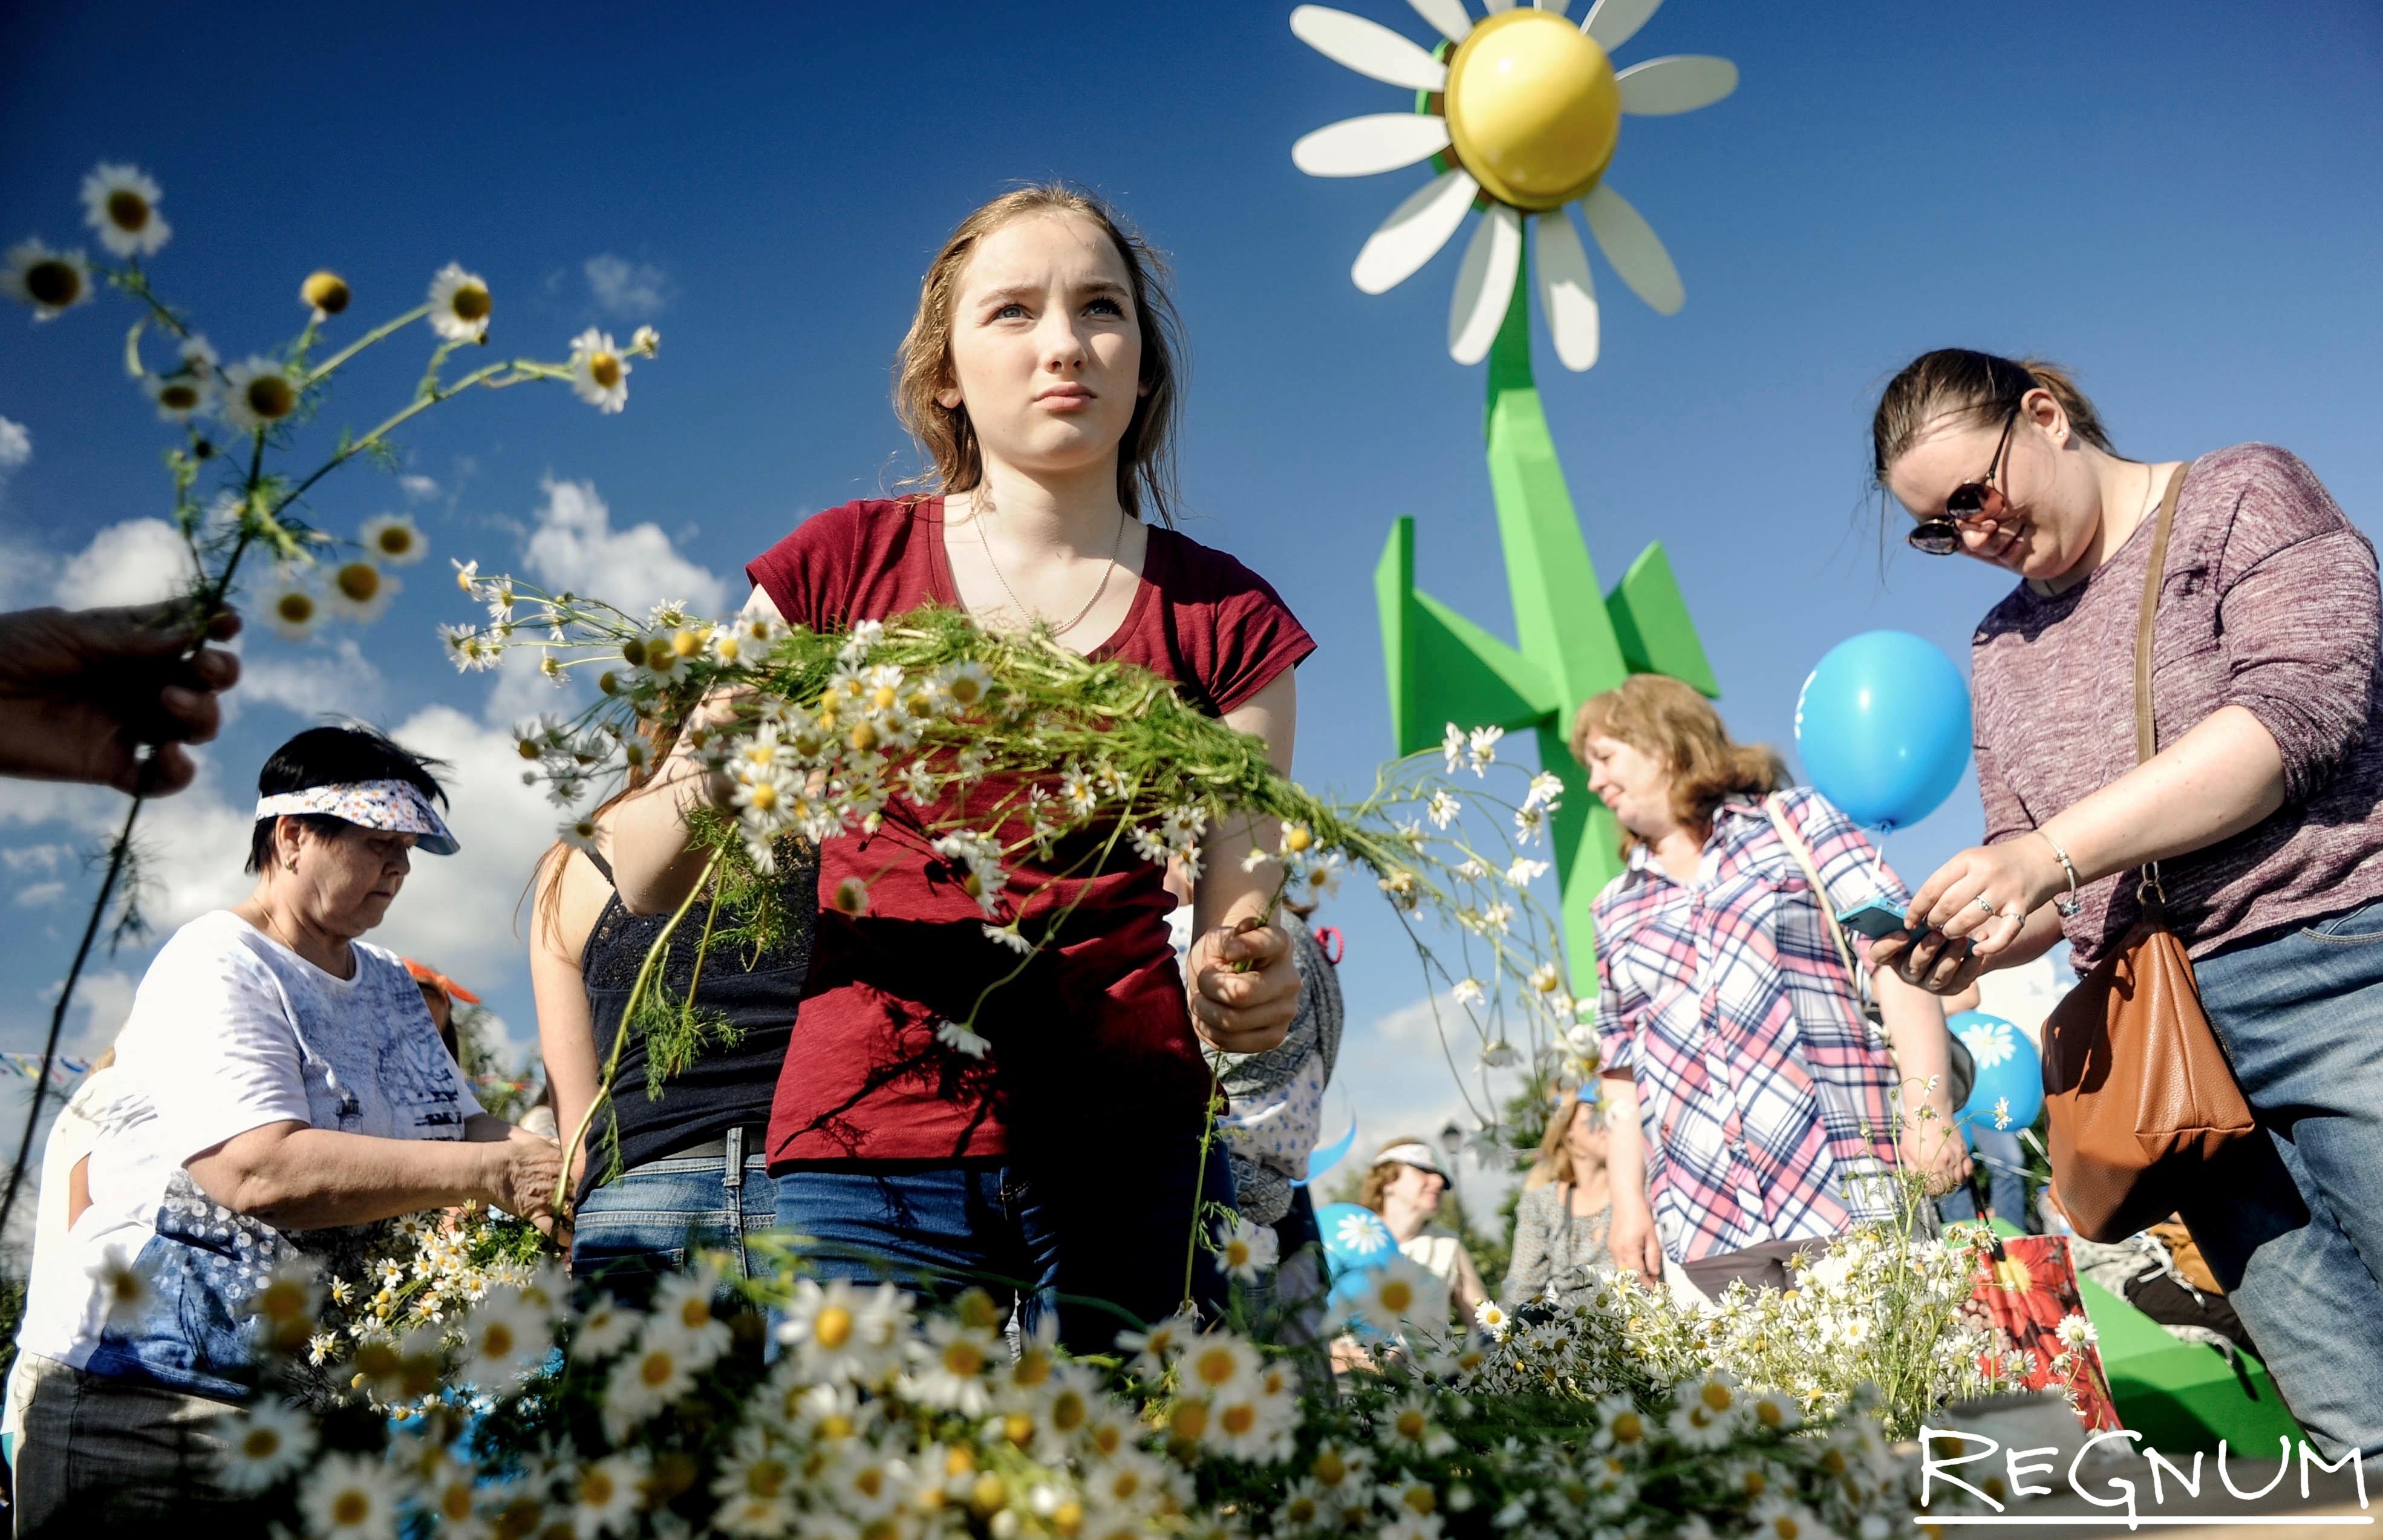 день семьи любви и верности фото картинки прикольные микрокарпа принадлежит